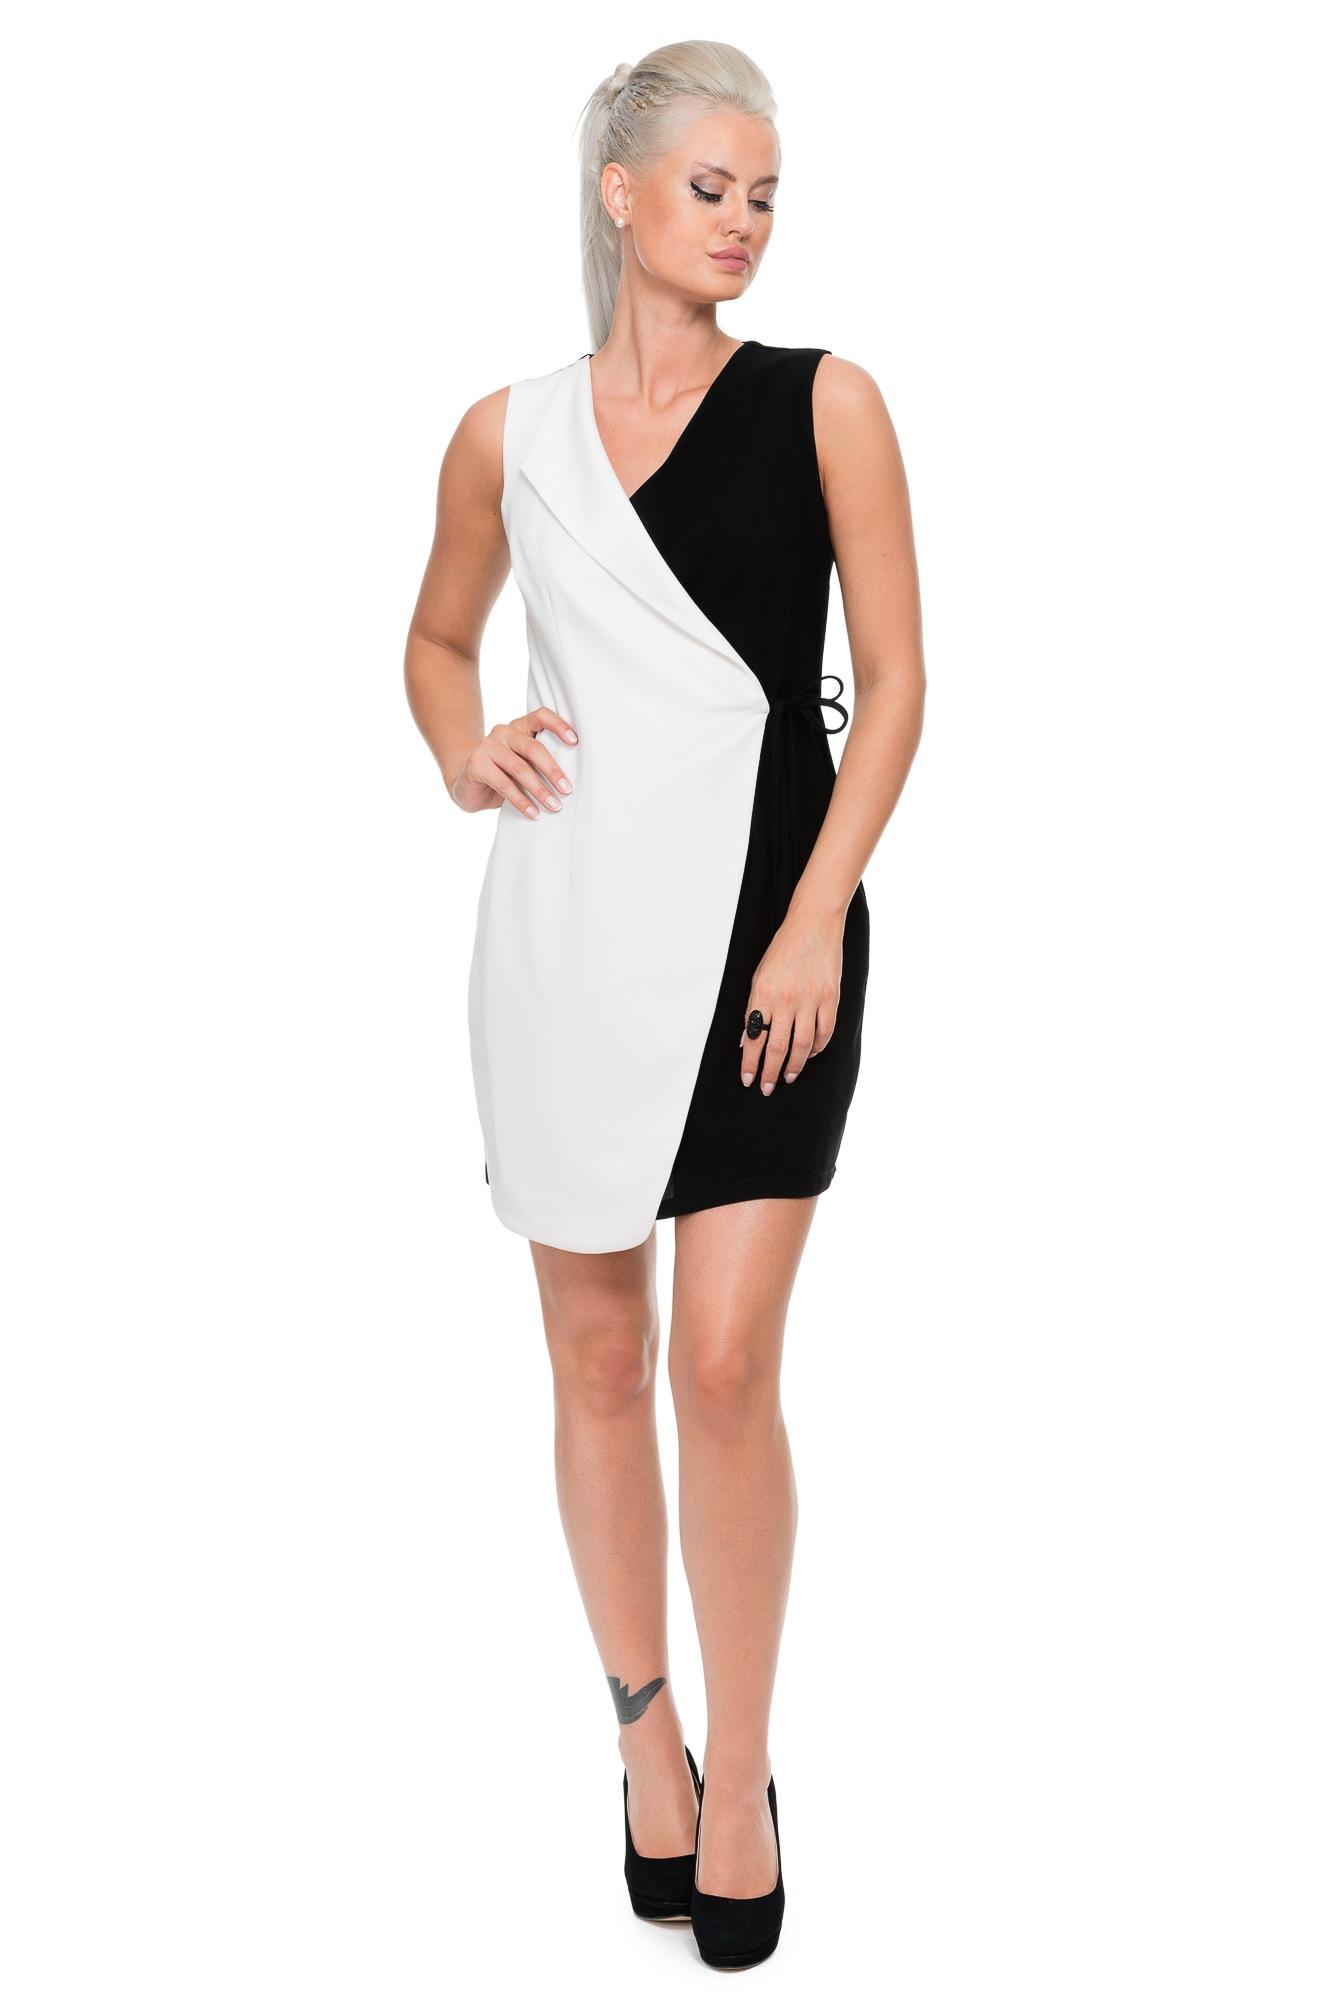 Kısa Beyaz Iki Renk Elbise